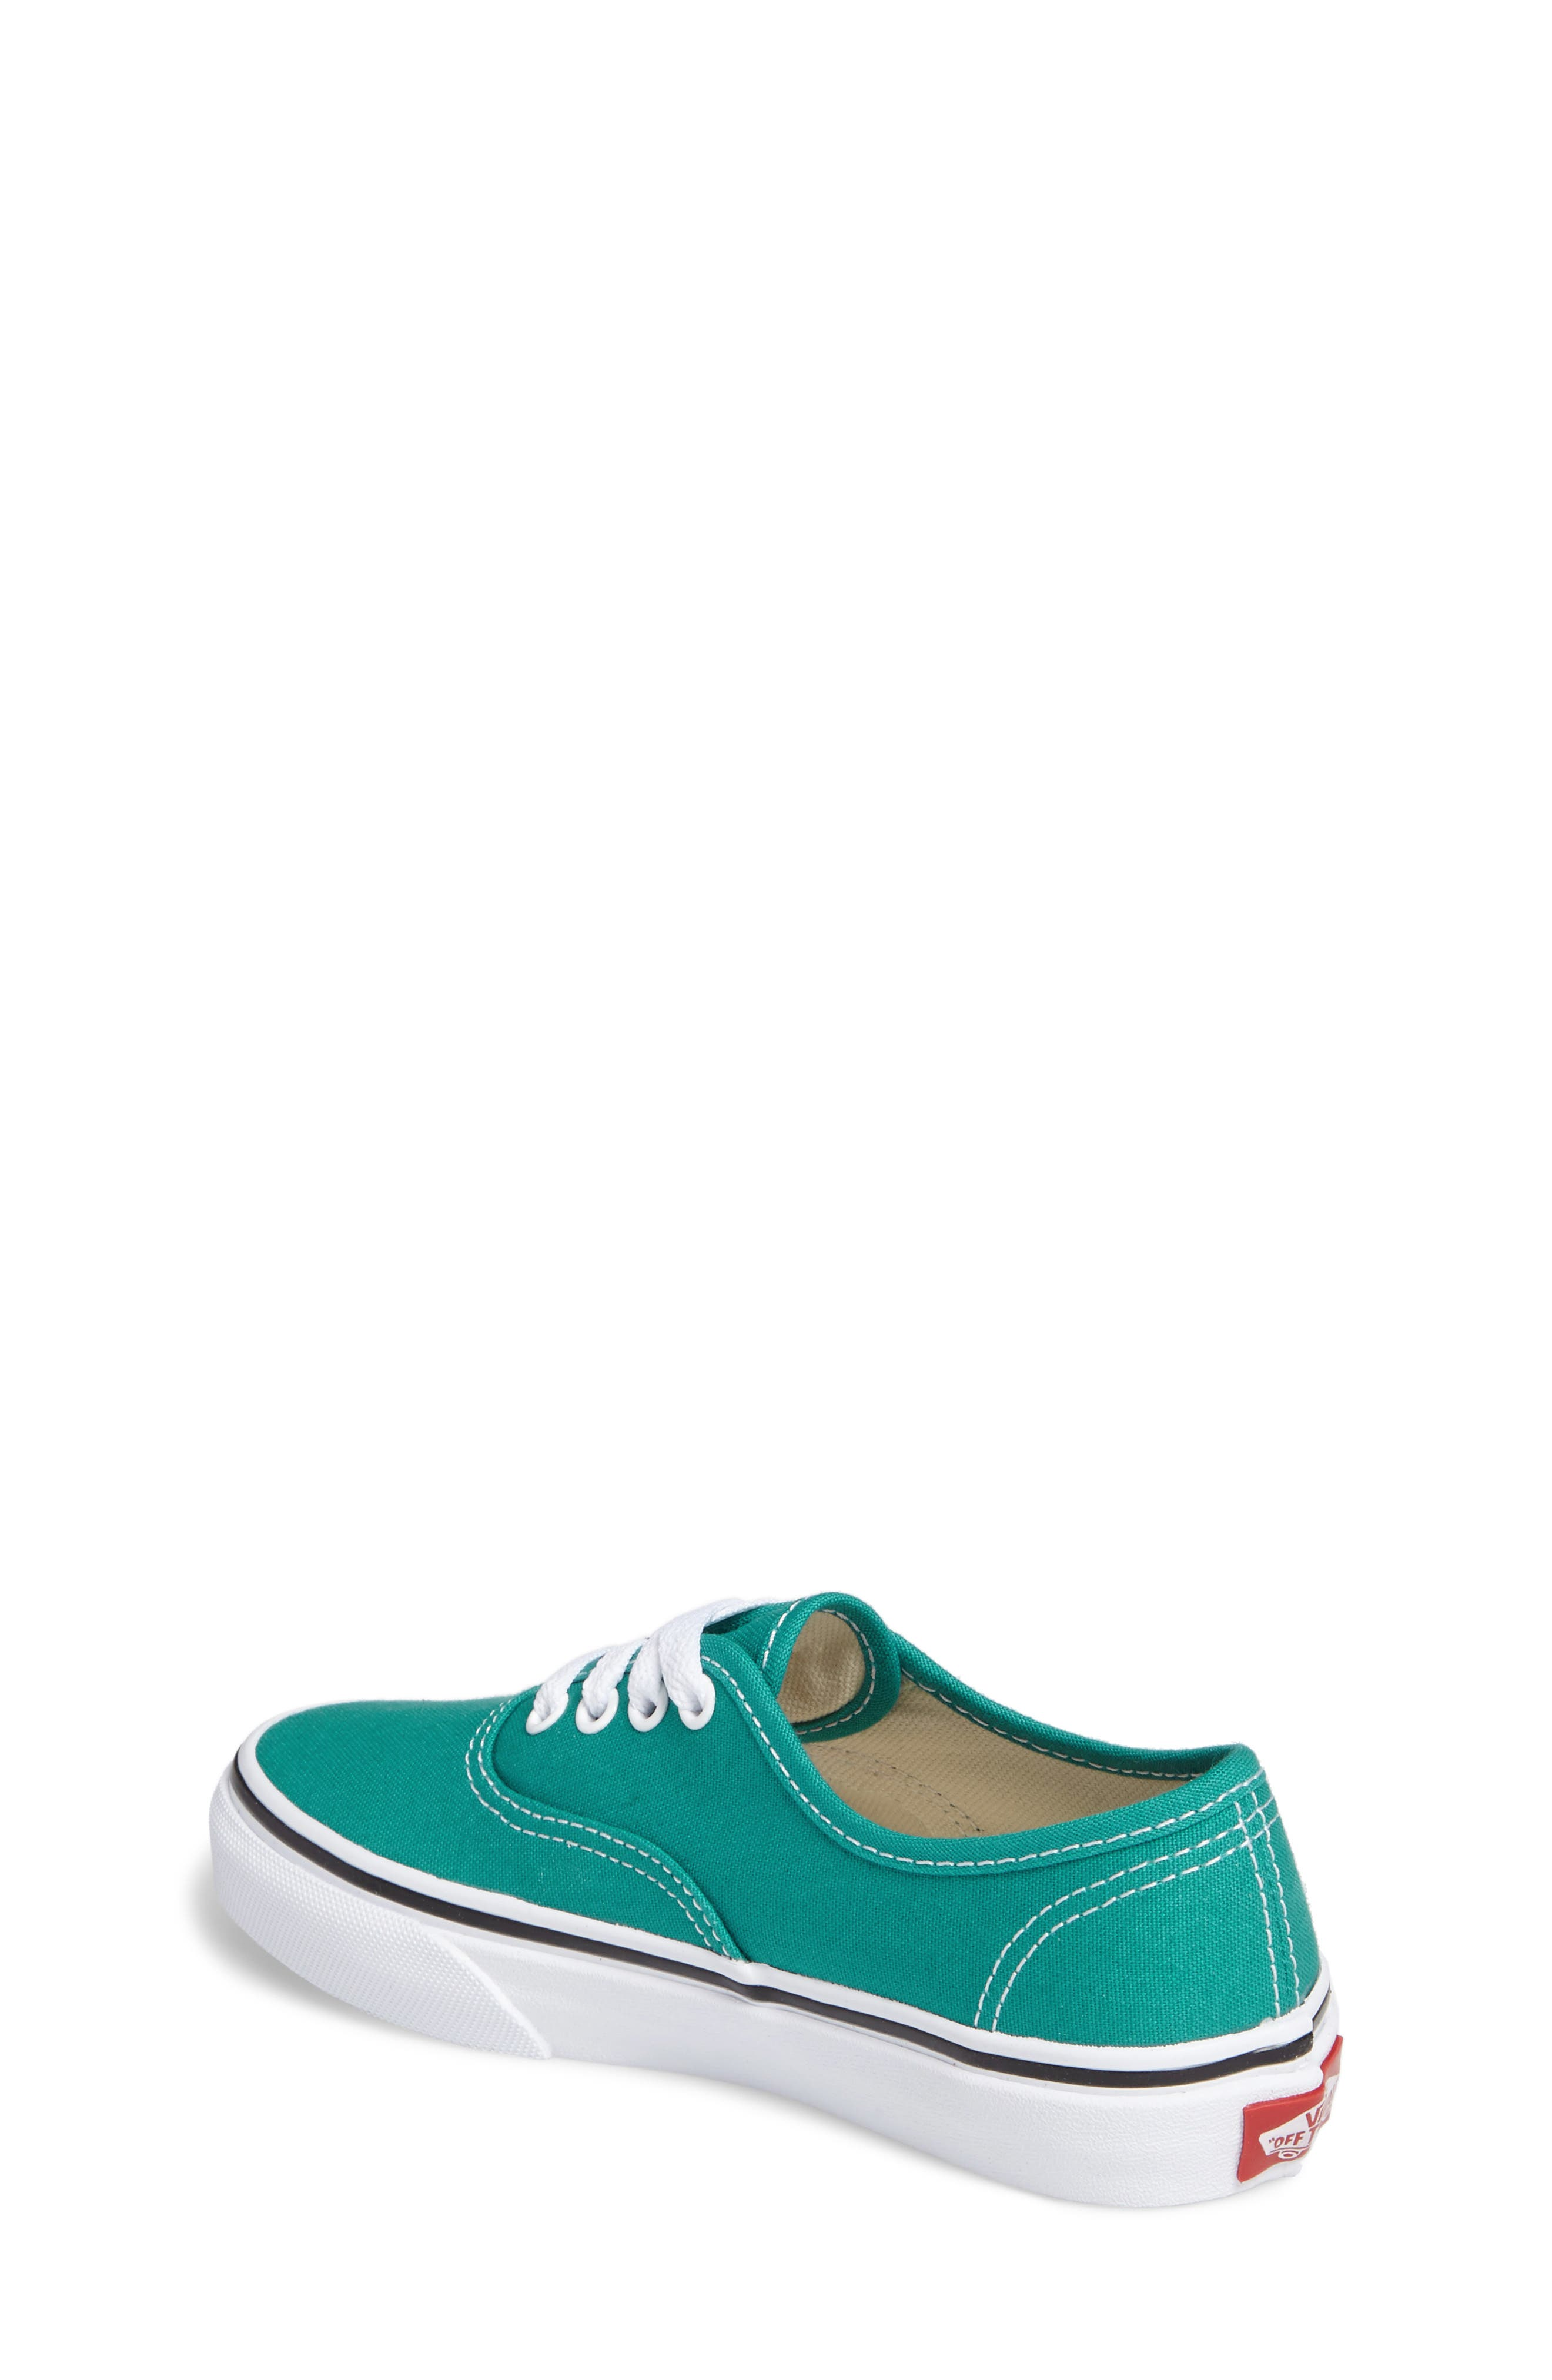 VANS,                             Authentic Sneaker,                             Alternate thumbnail 2, color,                             400